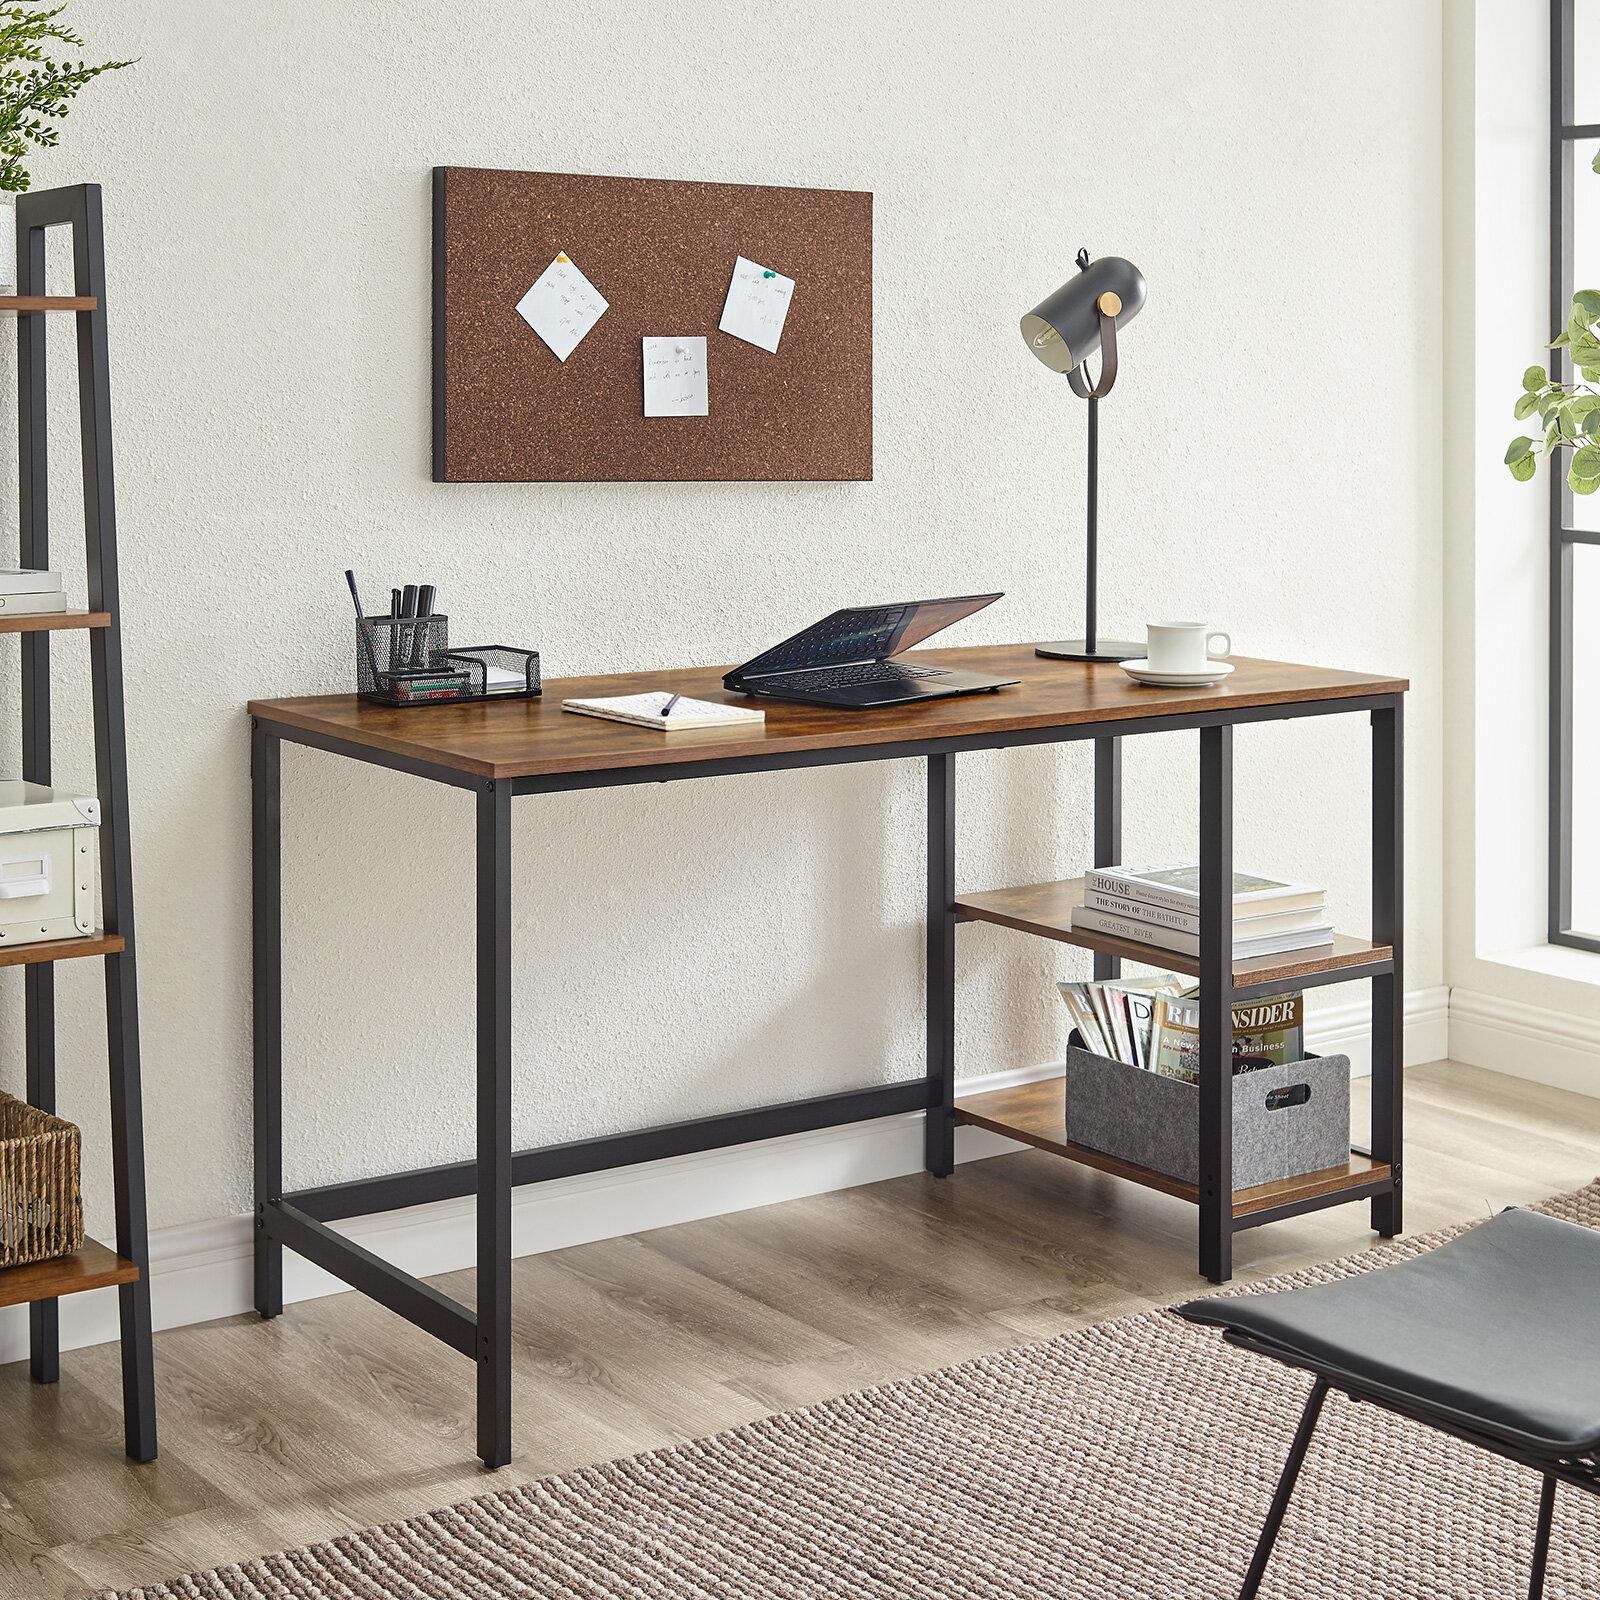 Williston Forge Robichaux Reversible Desk & Reviews | Wayfair